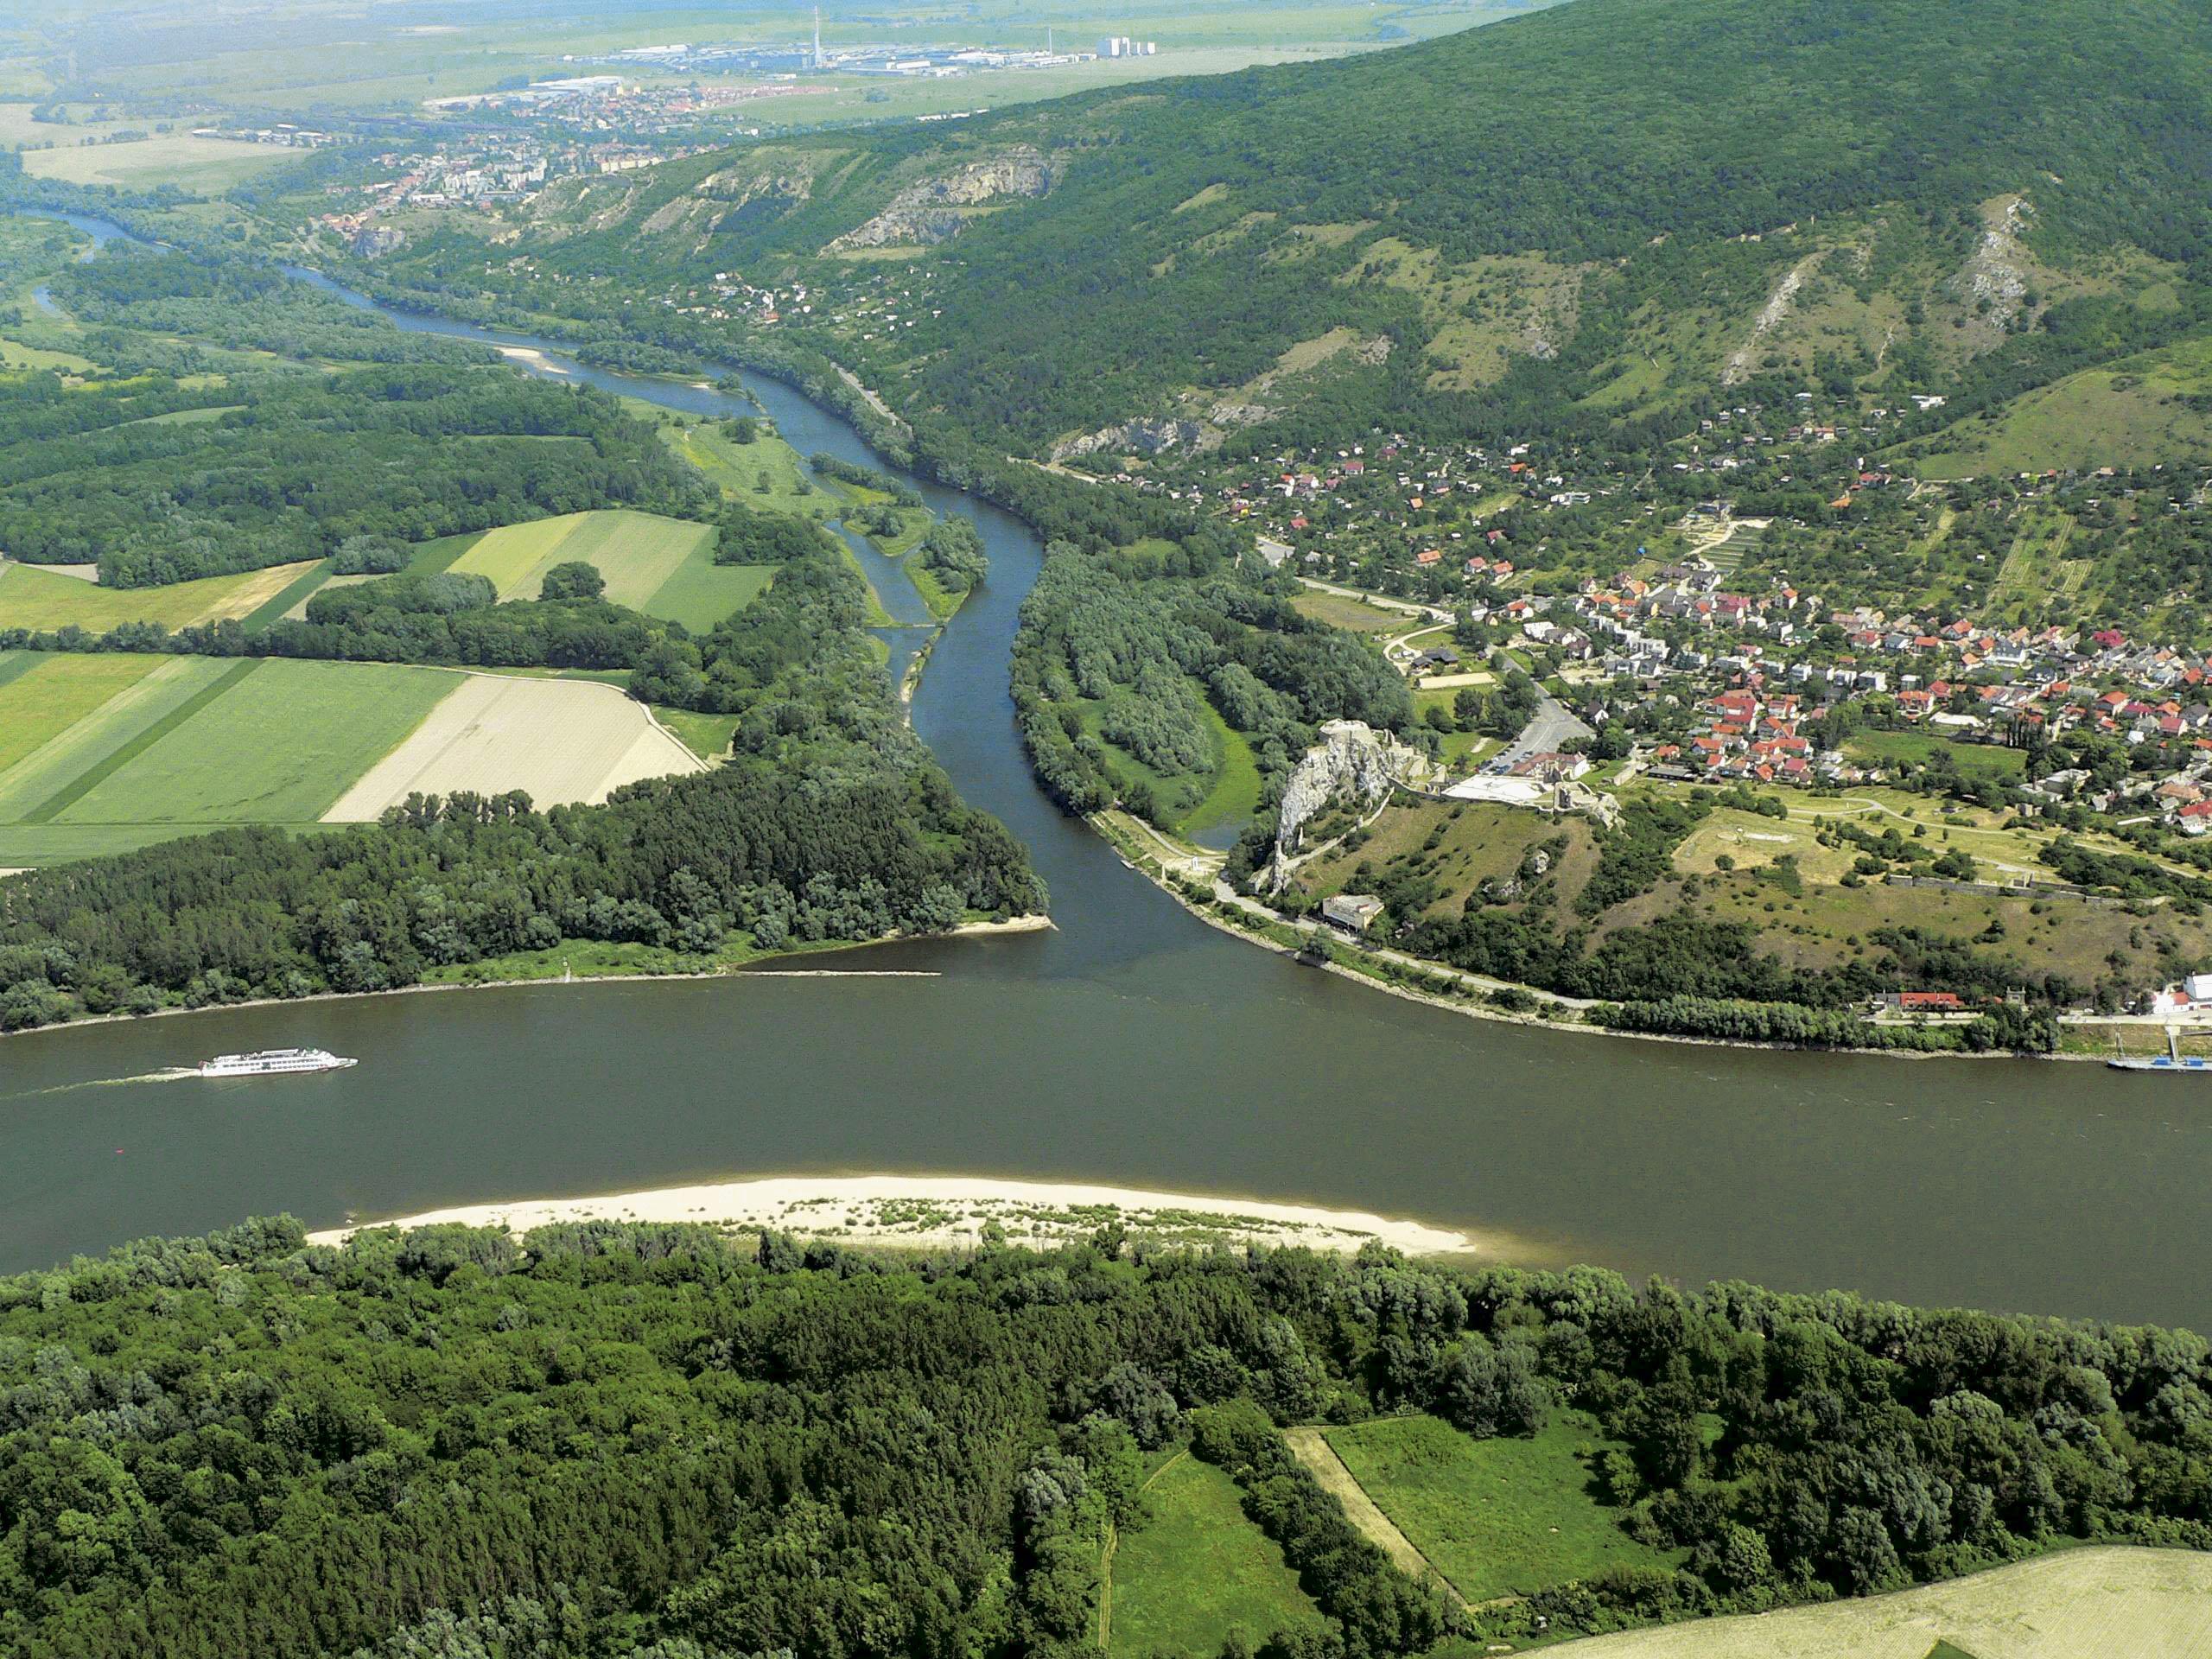 Le confluent du Danube (en bas) et de la Morava (en haut) près de Bratislava en Slovaquie, au pied des ruines de Devin.